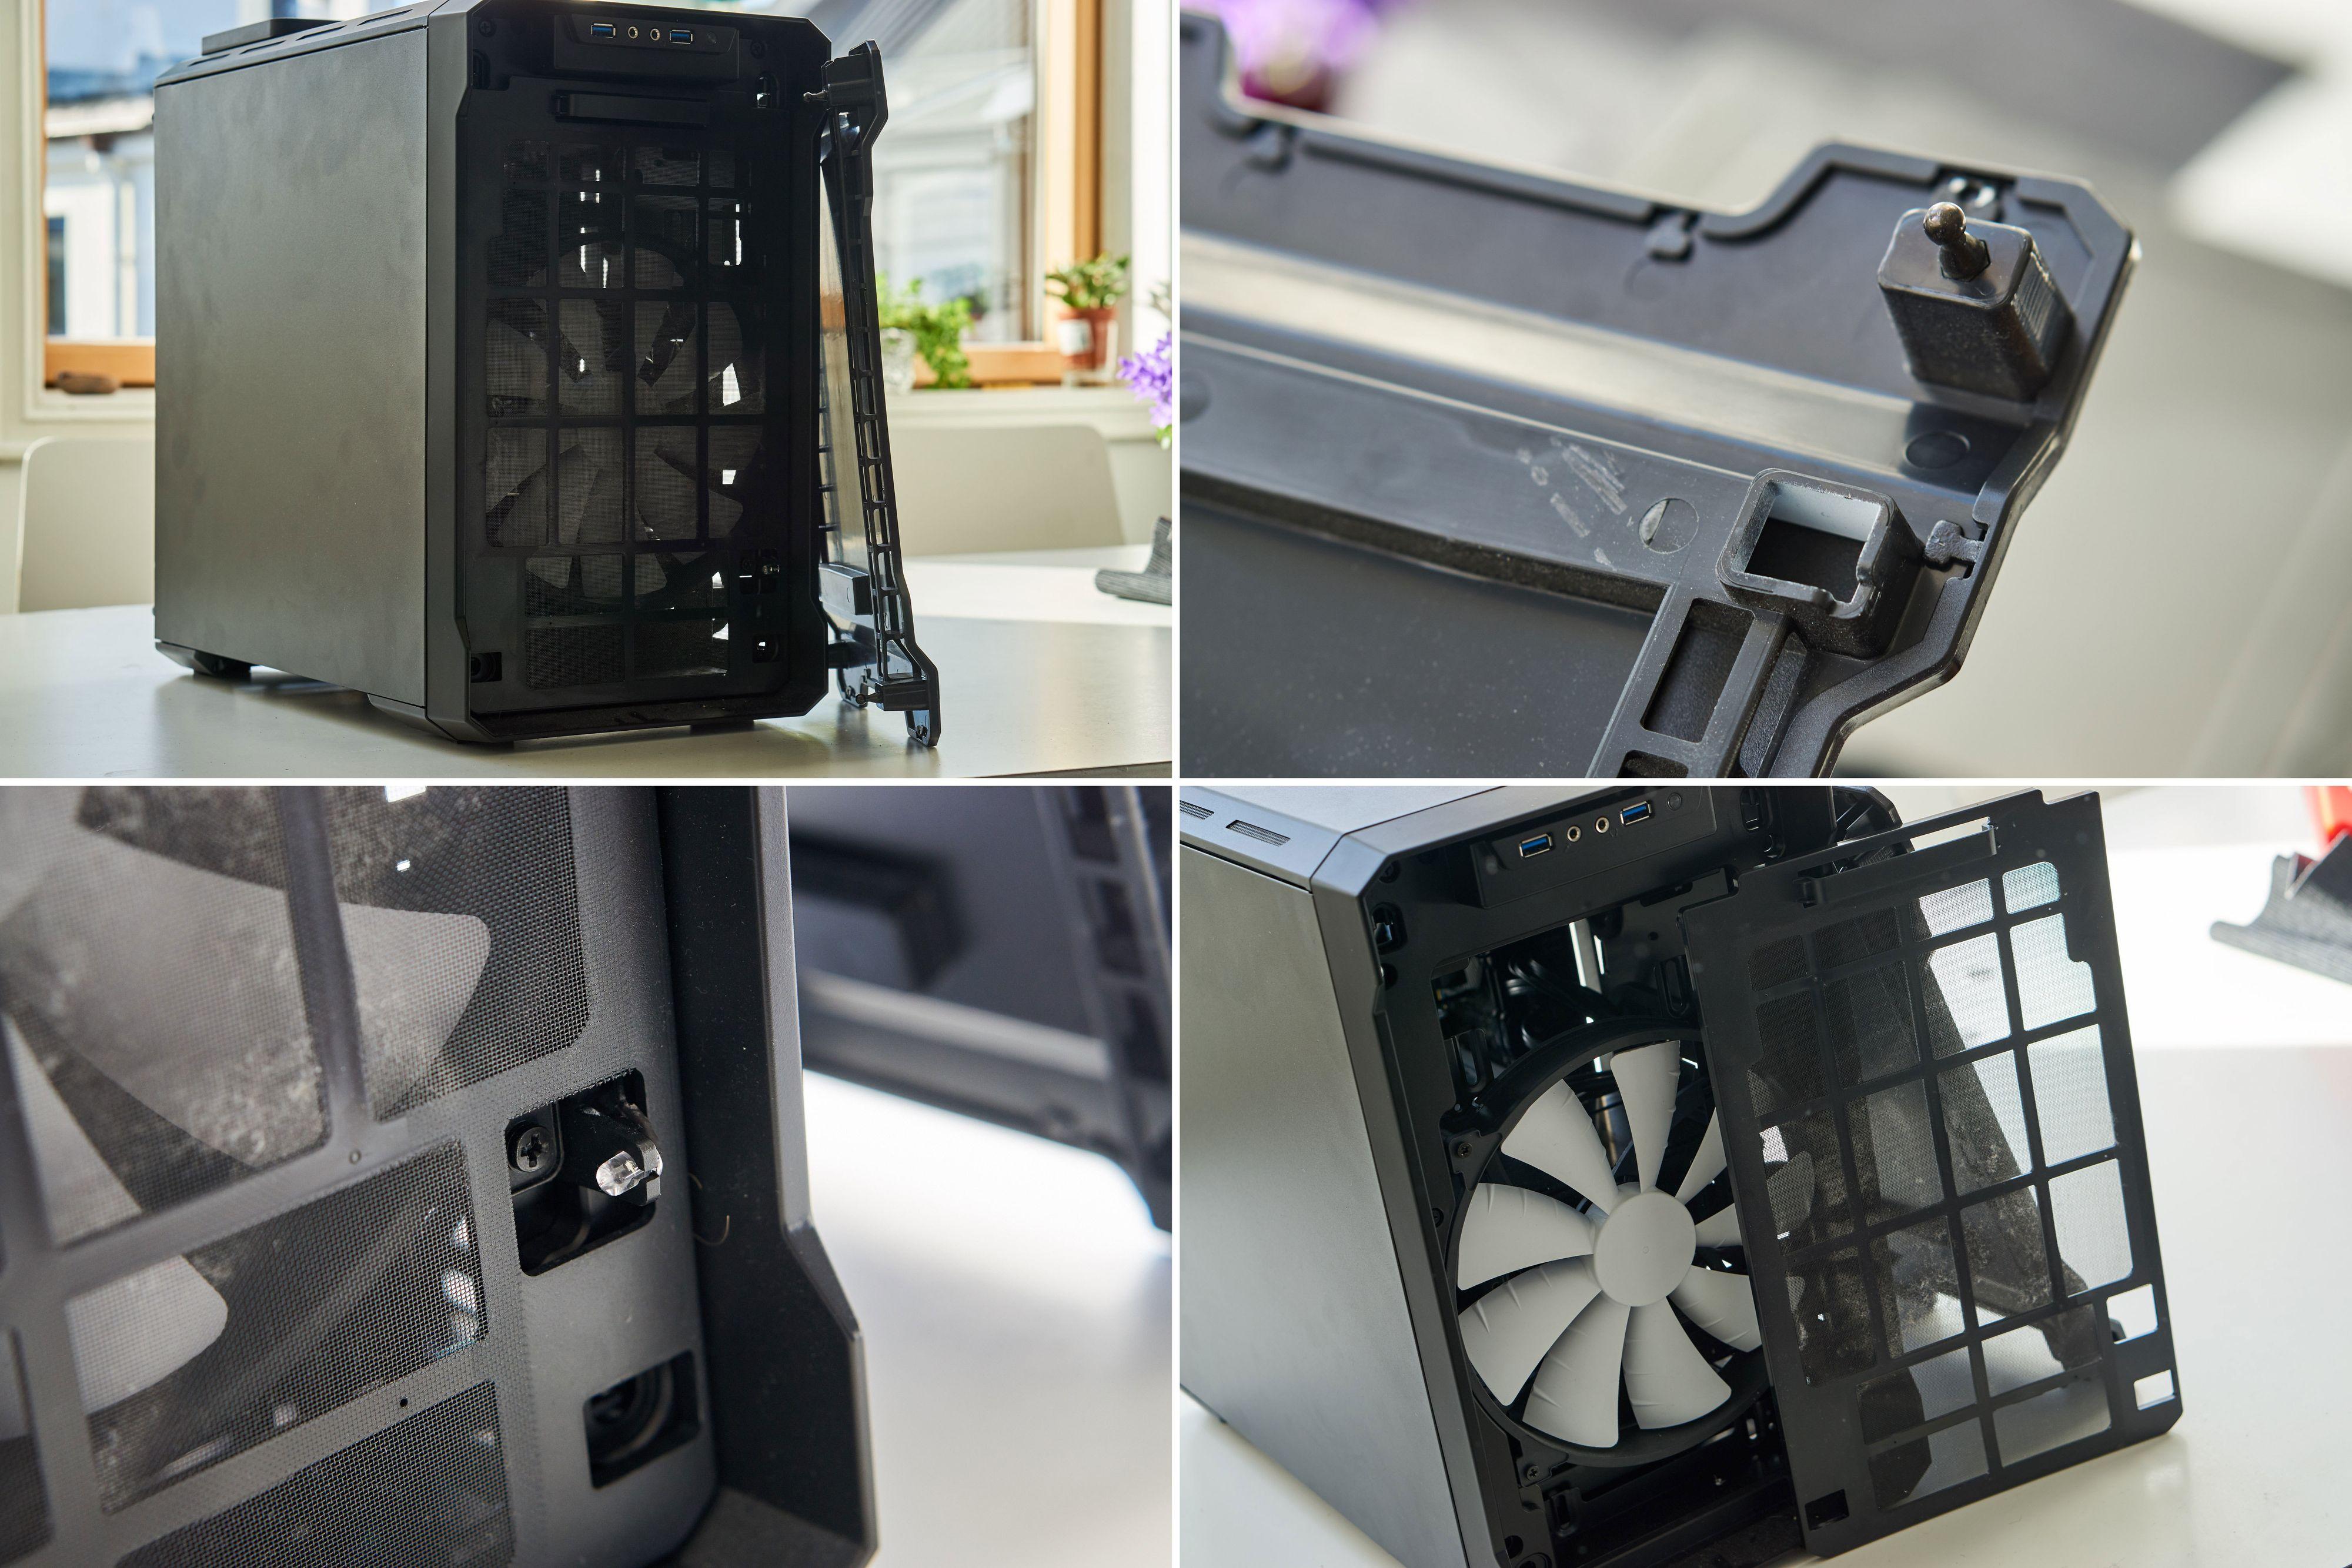 Frontdekselet tas enkelt av, og avslører et støvfilter – og bak det hovedviften på 200 millimeter.